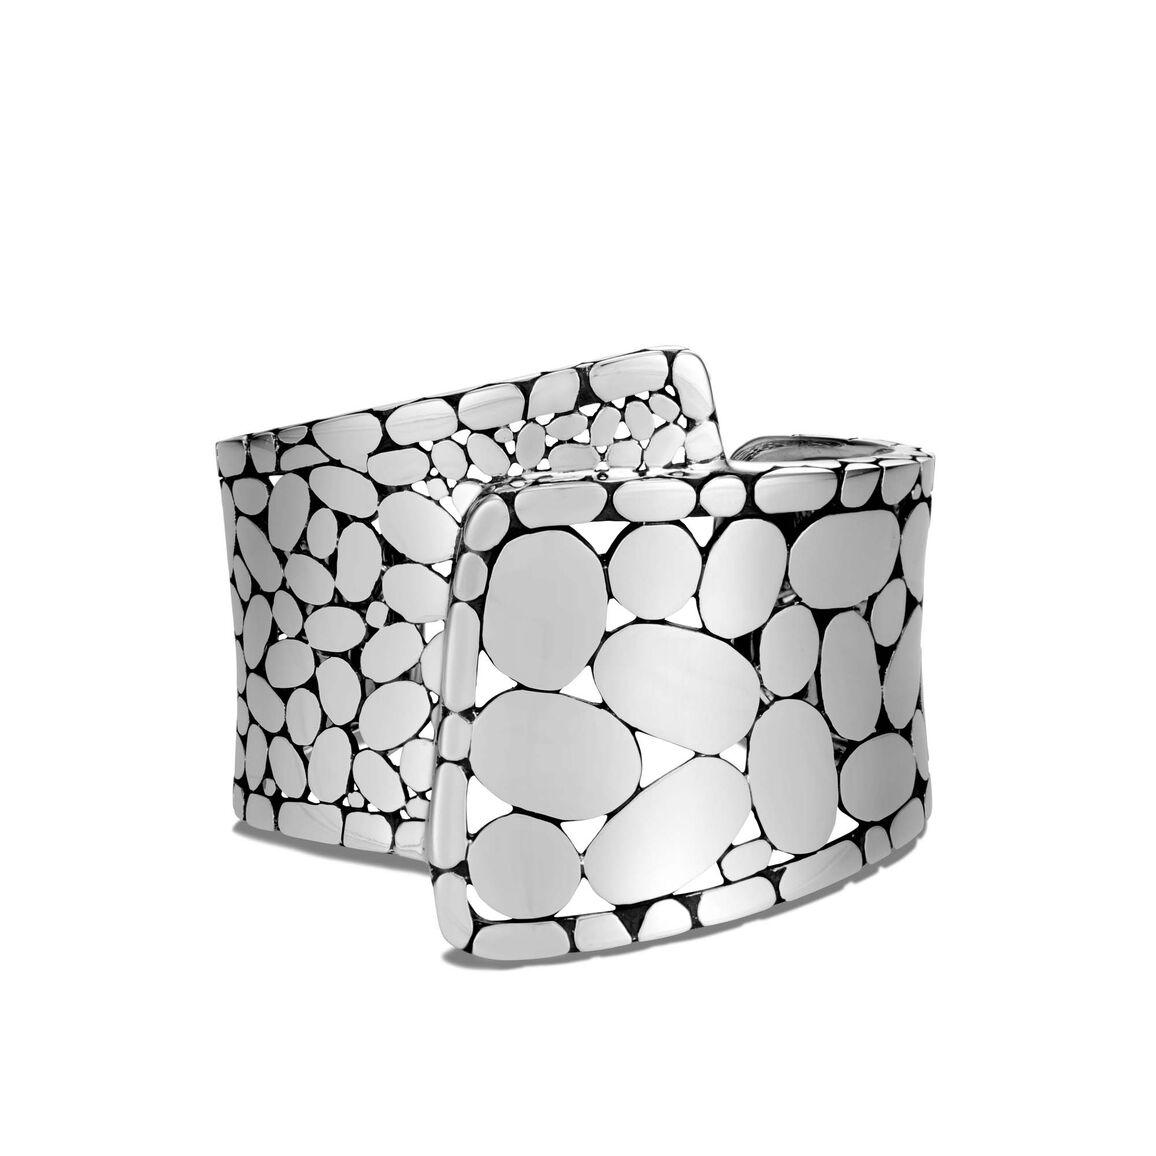 Kali 62MM Cuff in Silver